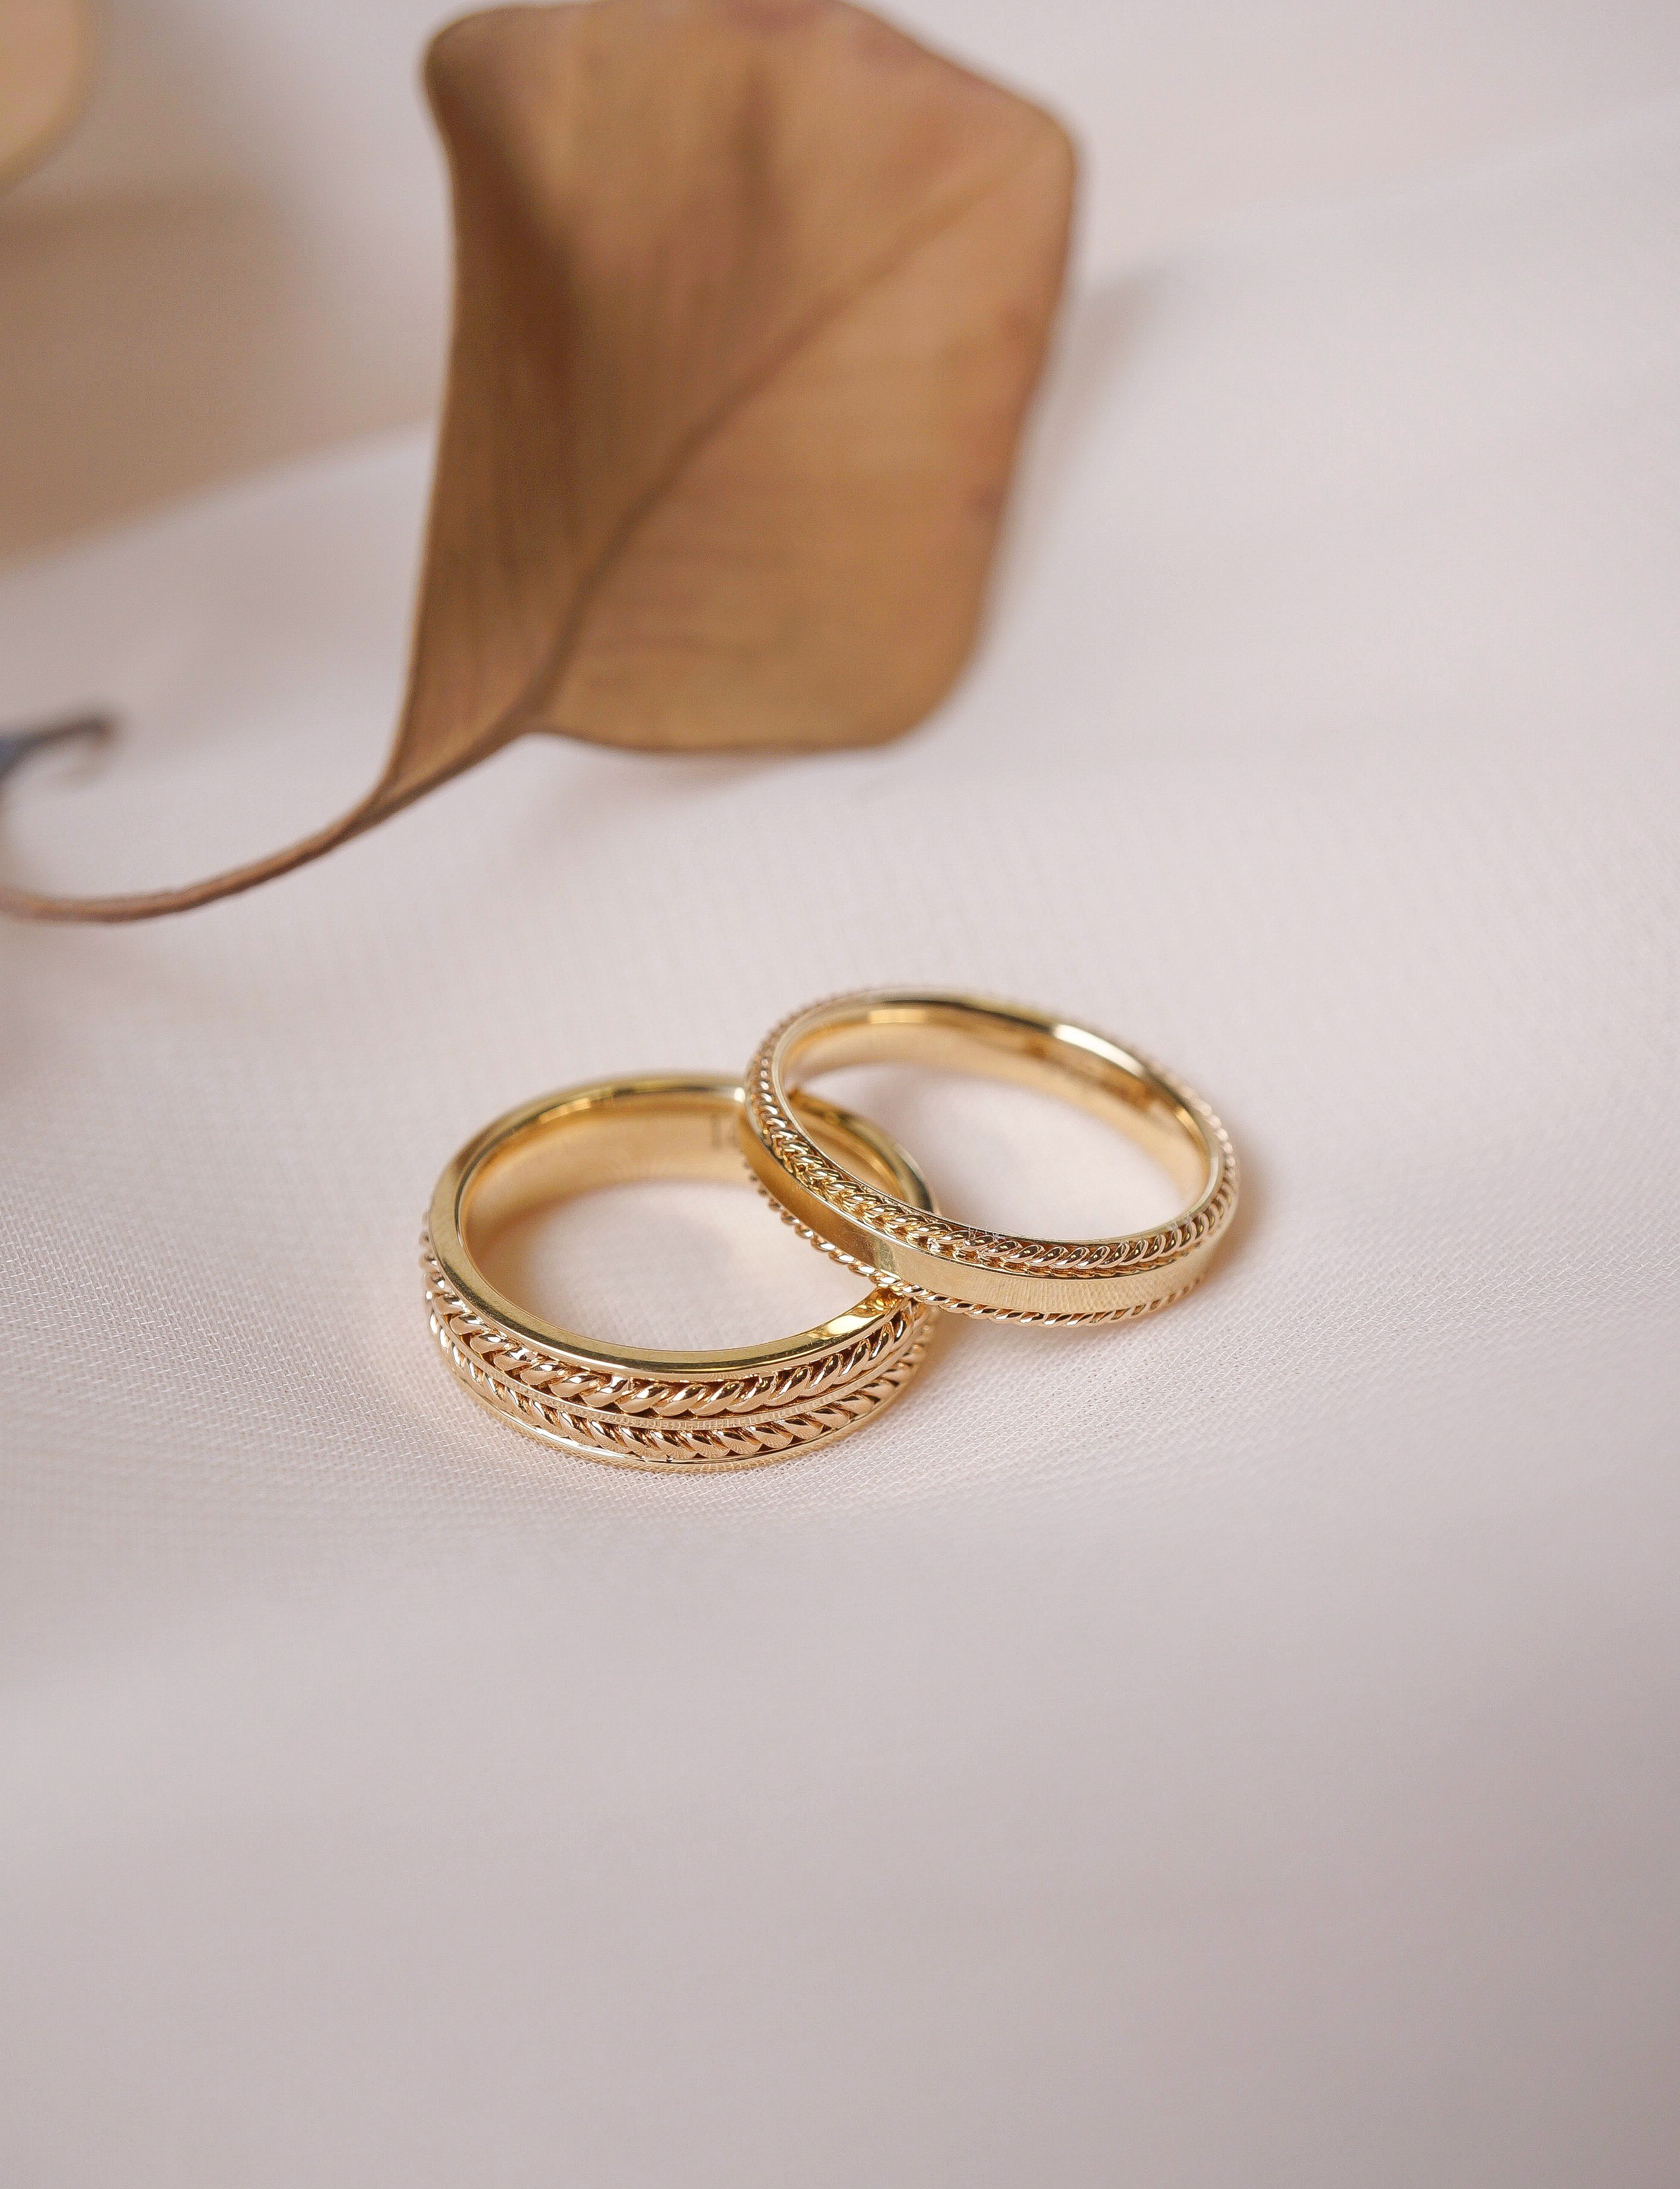 Pattern Band 14K White Gold Wedding Band Art Deco Wedding Band Solid Gold Dainty Wedding Ring 18k White Gold Ring Unique Wedding Ring